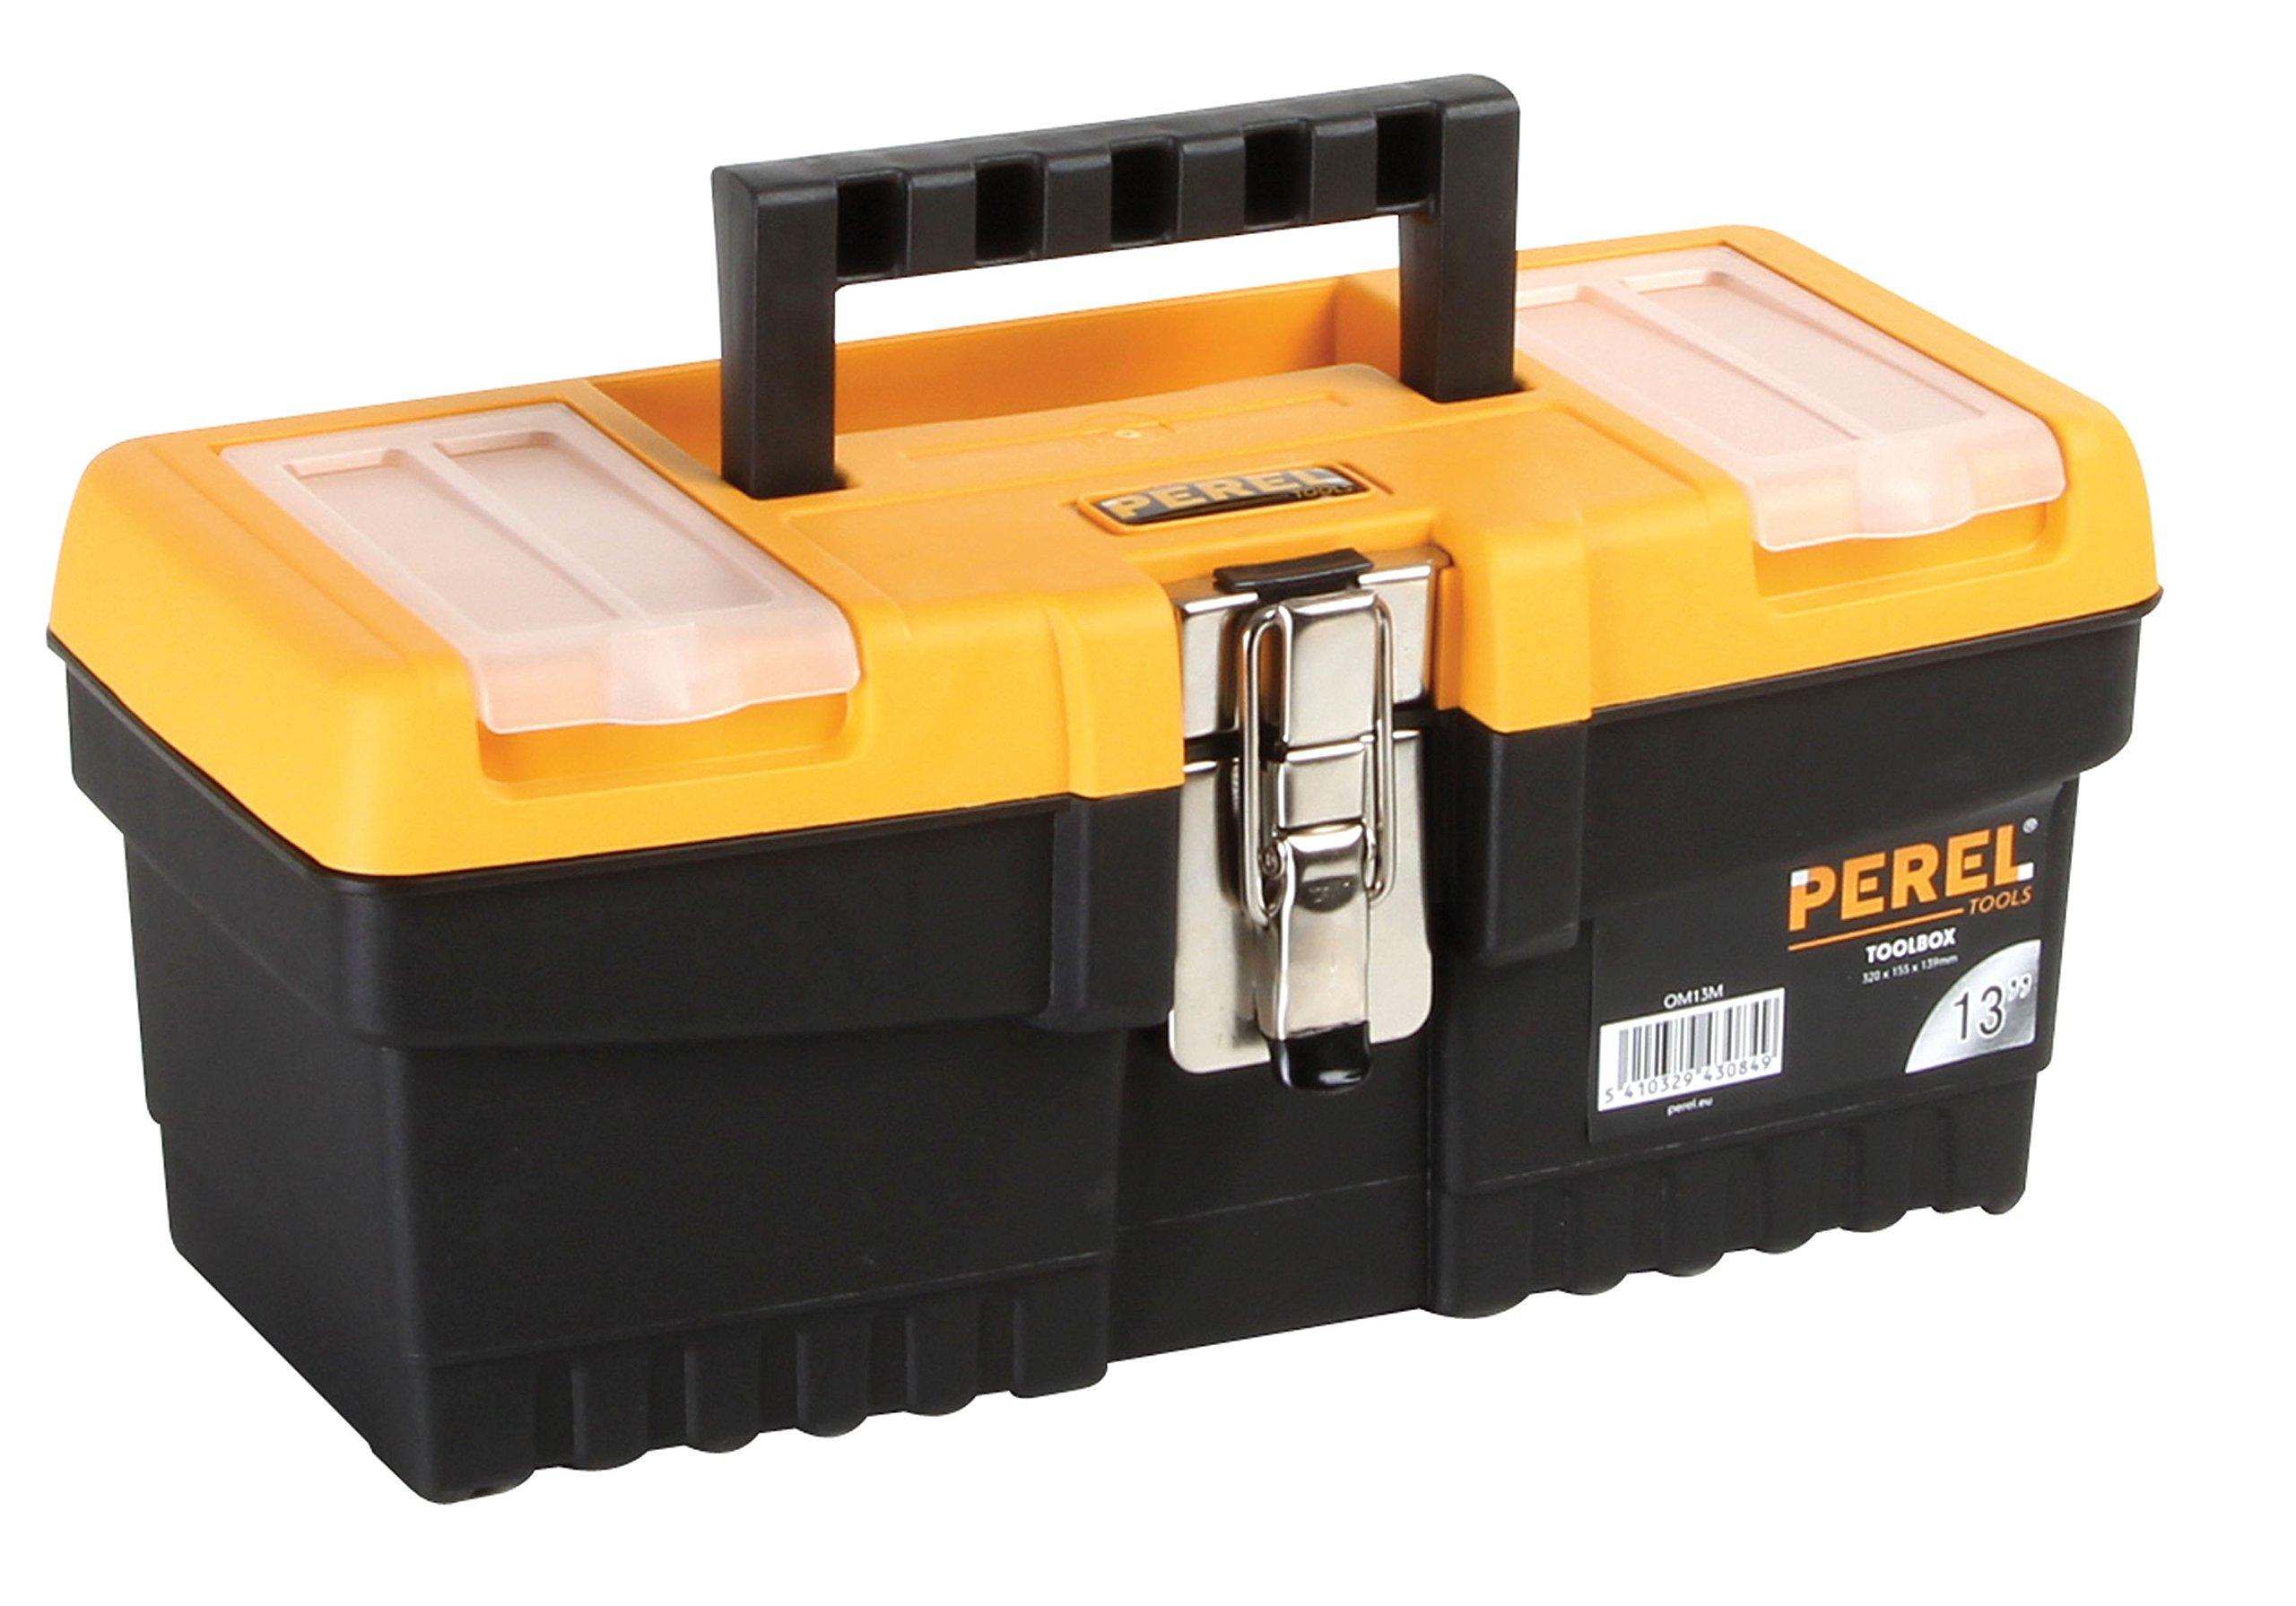 Mini Boite A Outil Rangement Pratique Caisse Vide Malette Plastique Bricolage Ebay